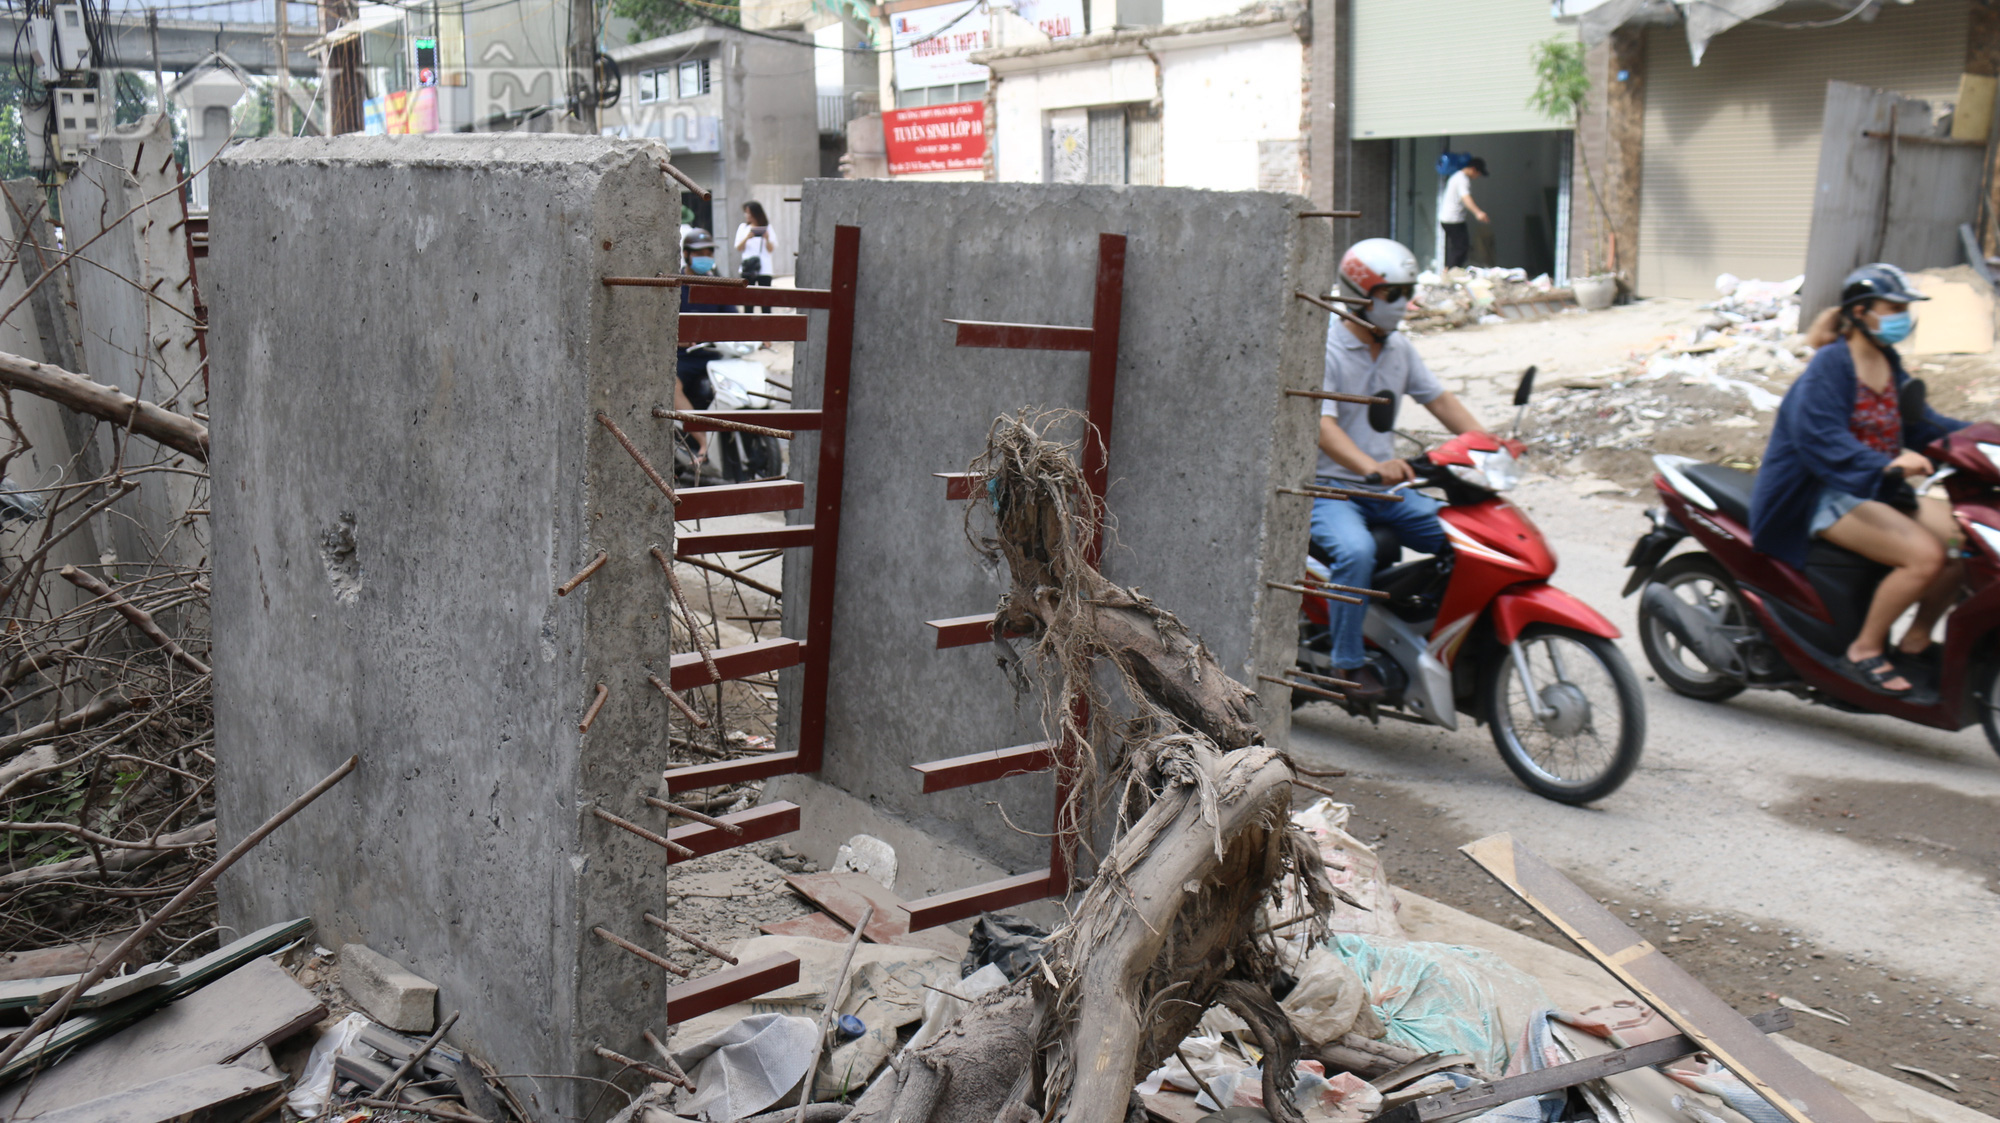 Ngoài ra những chiếc cống hộp trơ khung sắt cũng nằm ngay sát mép đường, gây ra nguy hiểm cho người dân xung quanh và những người tham gia giao thông nhất là khi trời tối khó quan sát.